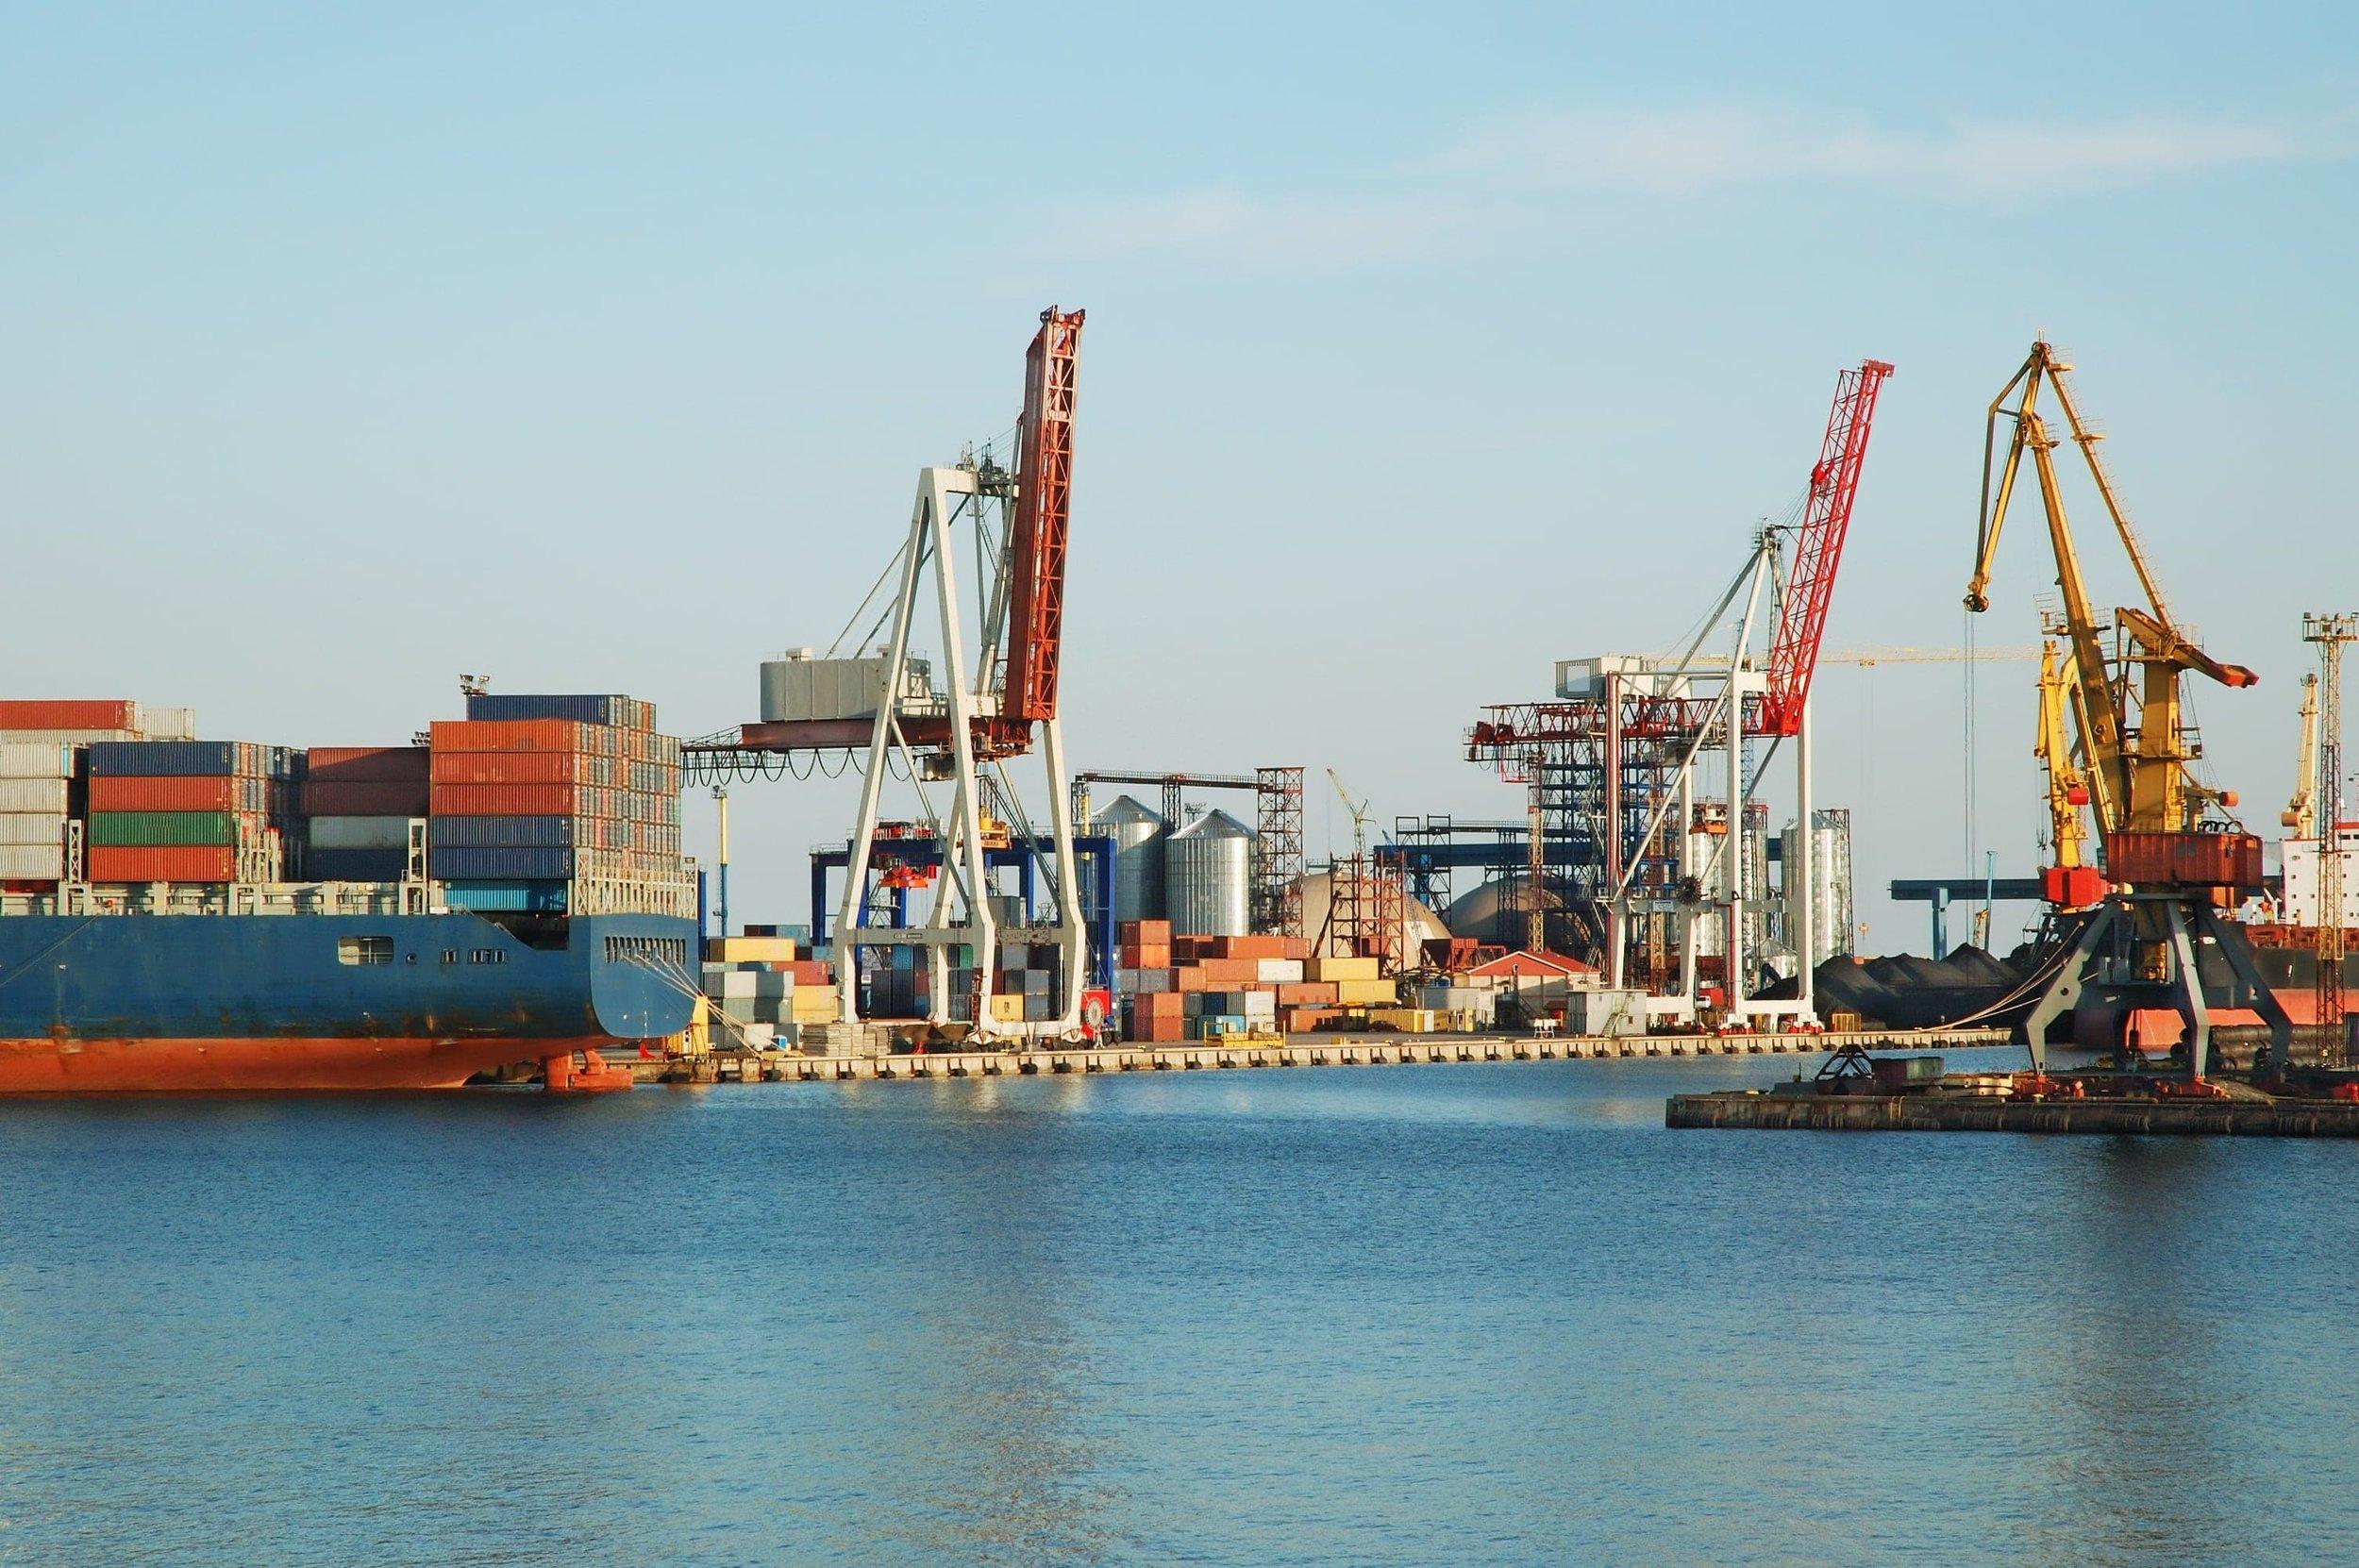 in-a-sea-port-P5BACP2-min-min-min.jpg